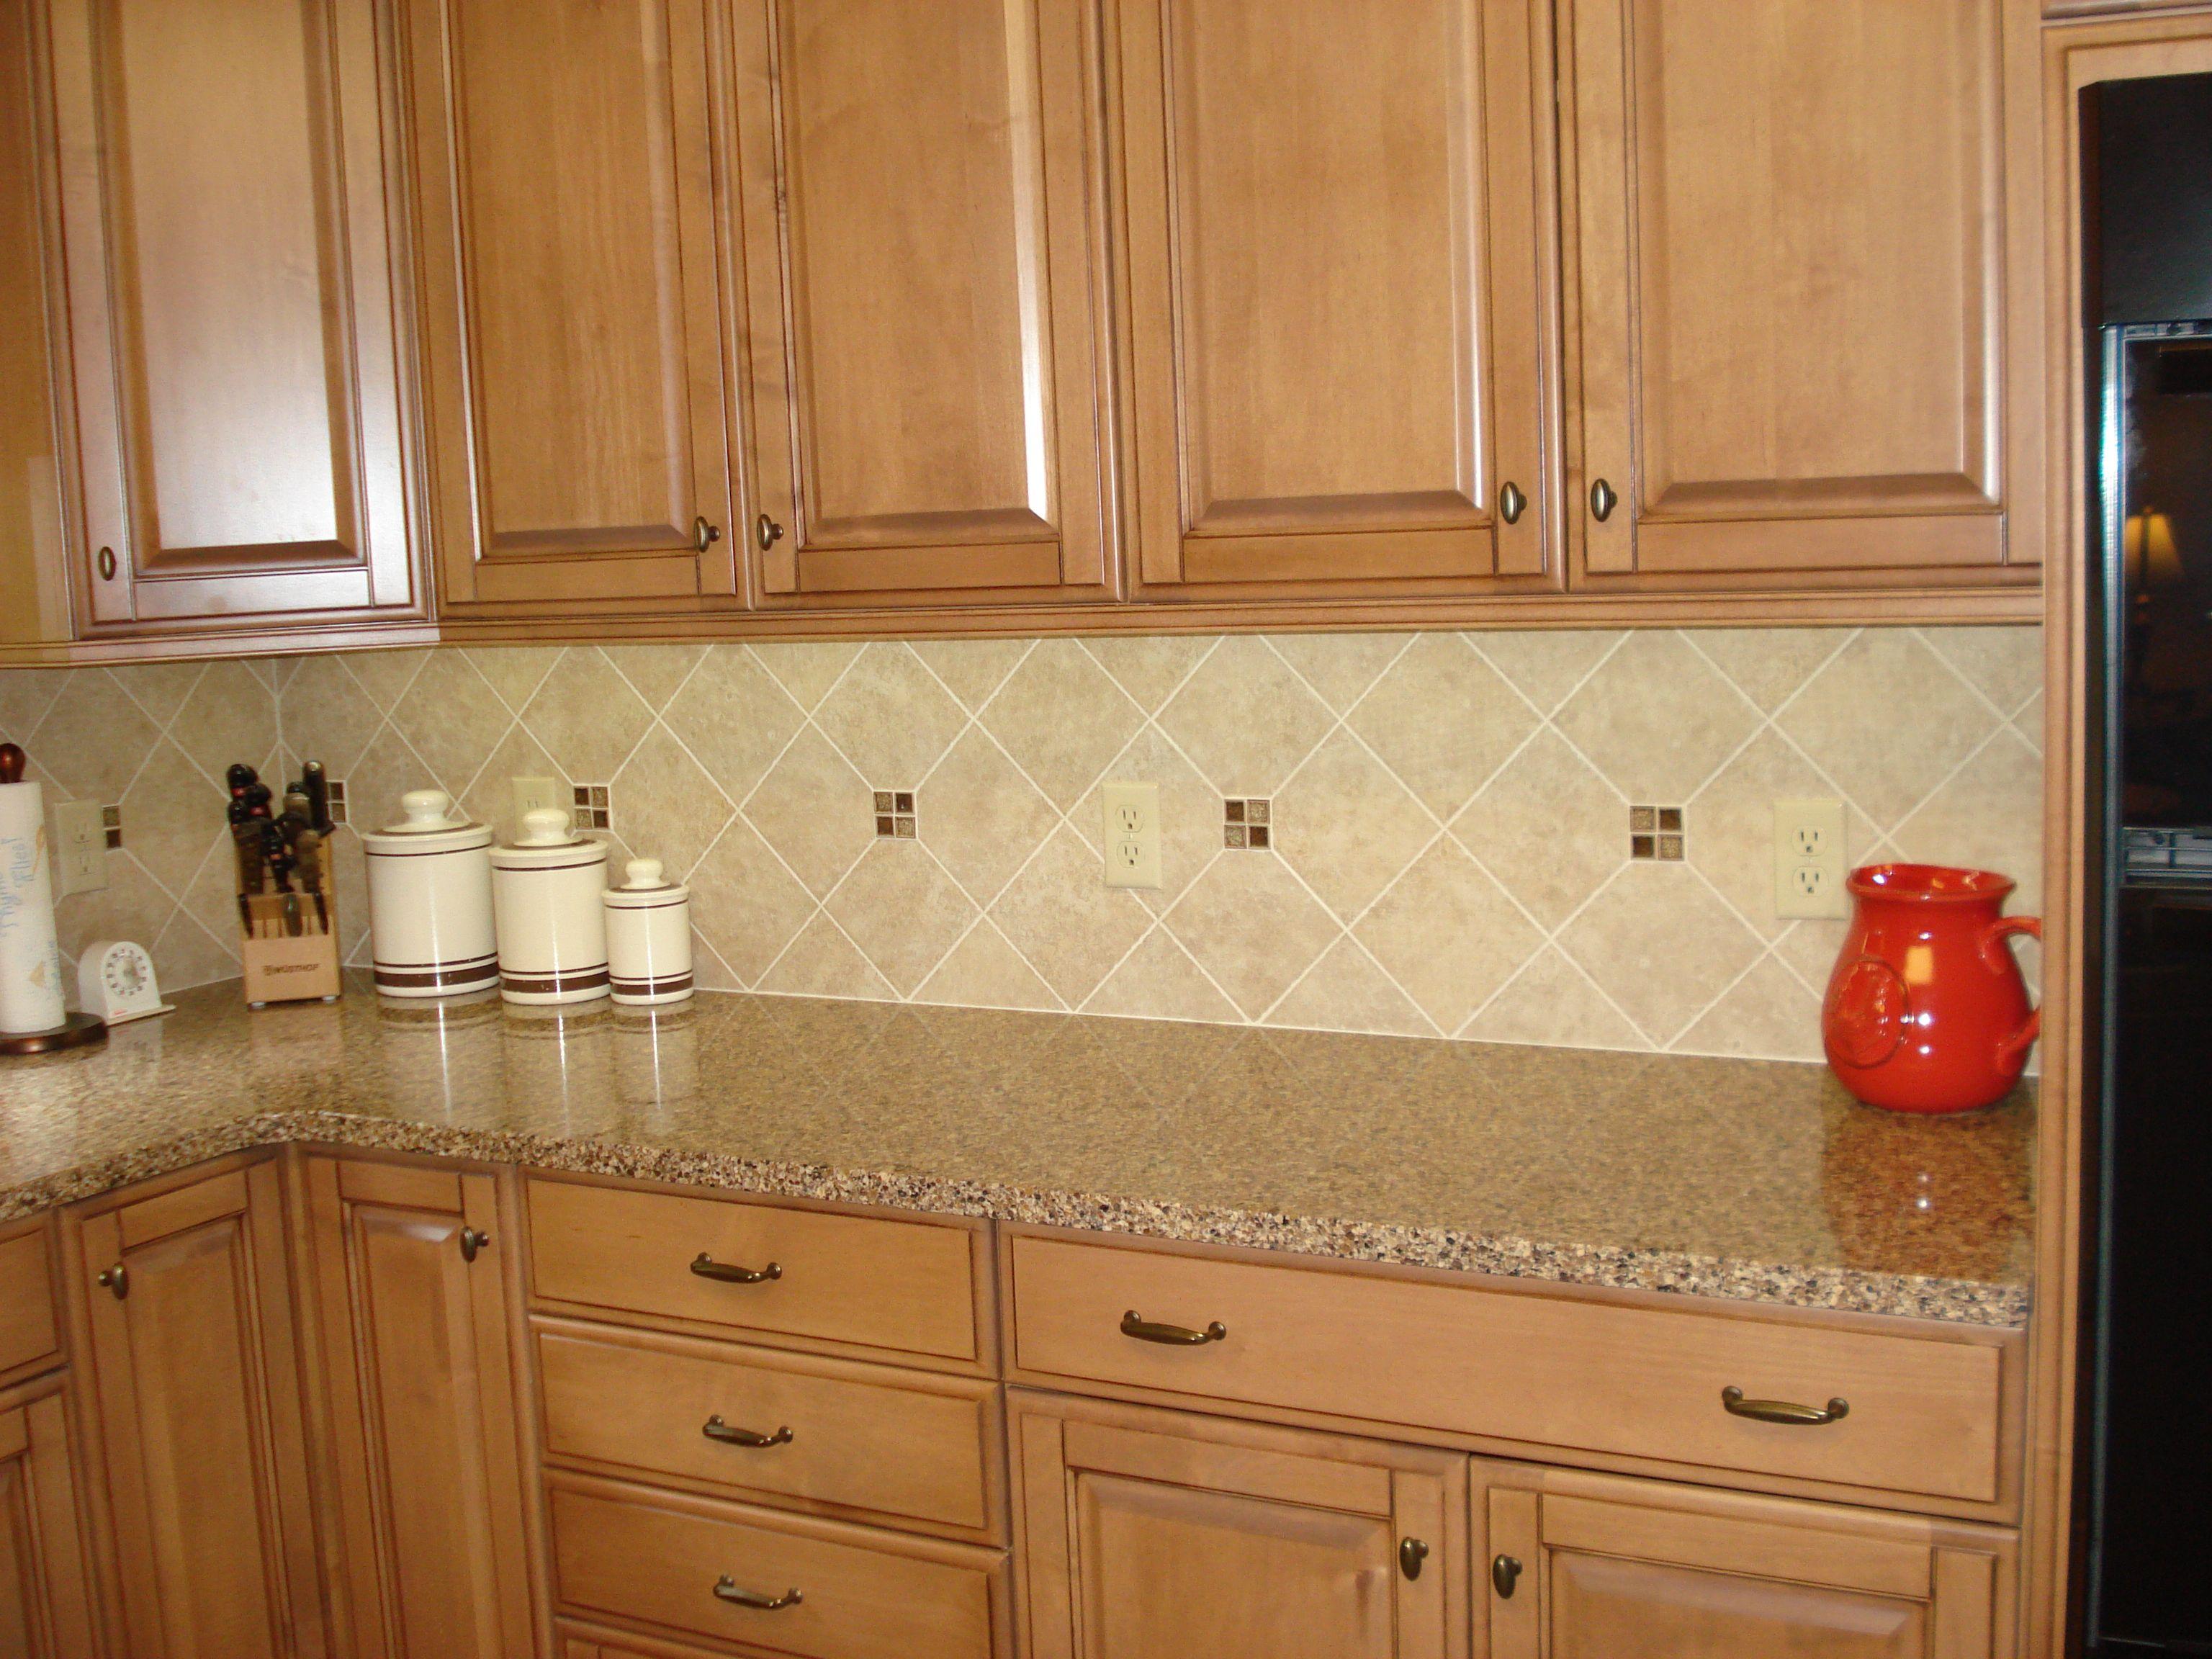 backsplash tile design kitchen remodel